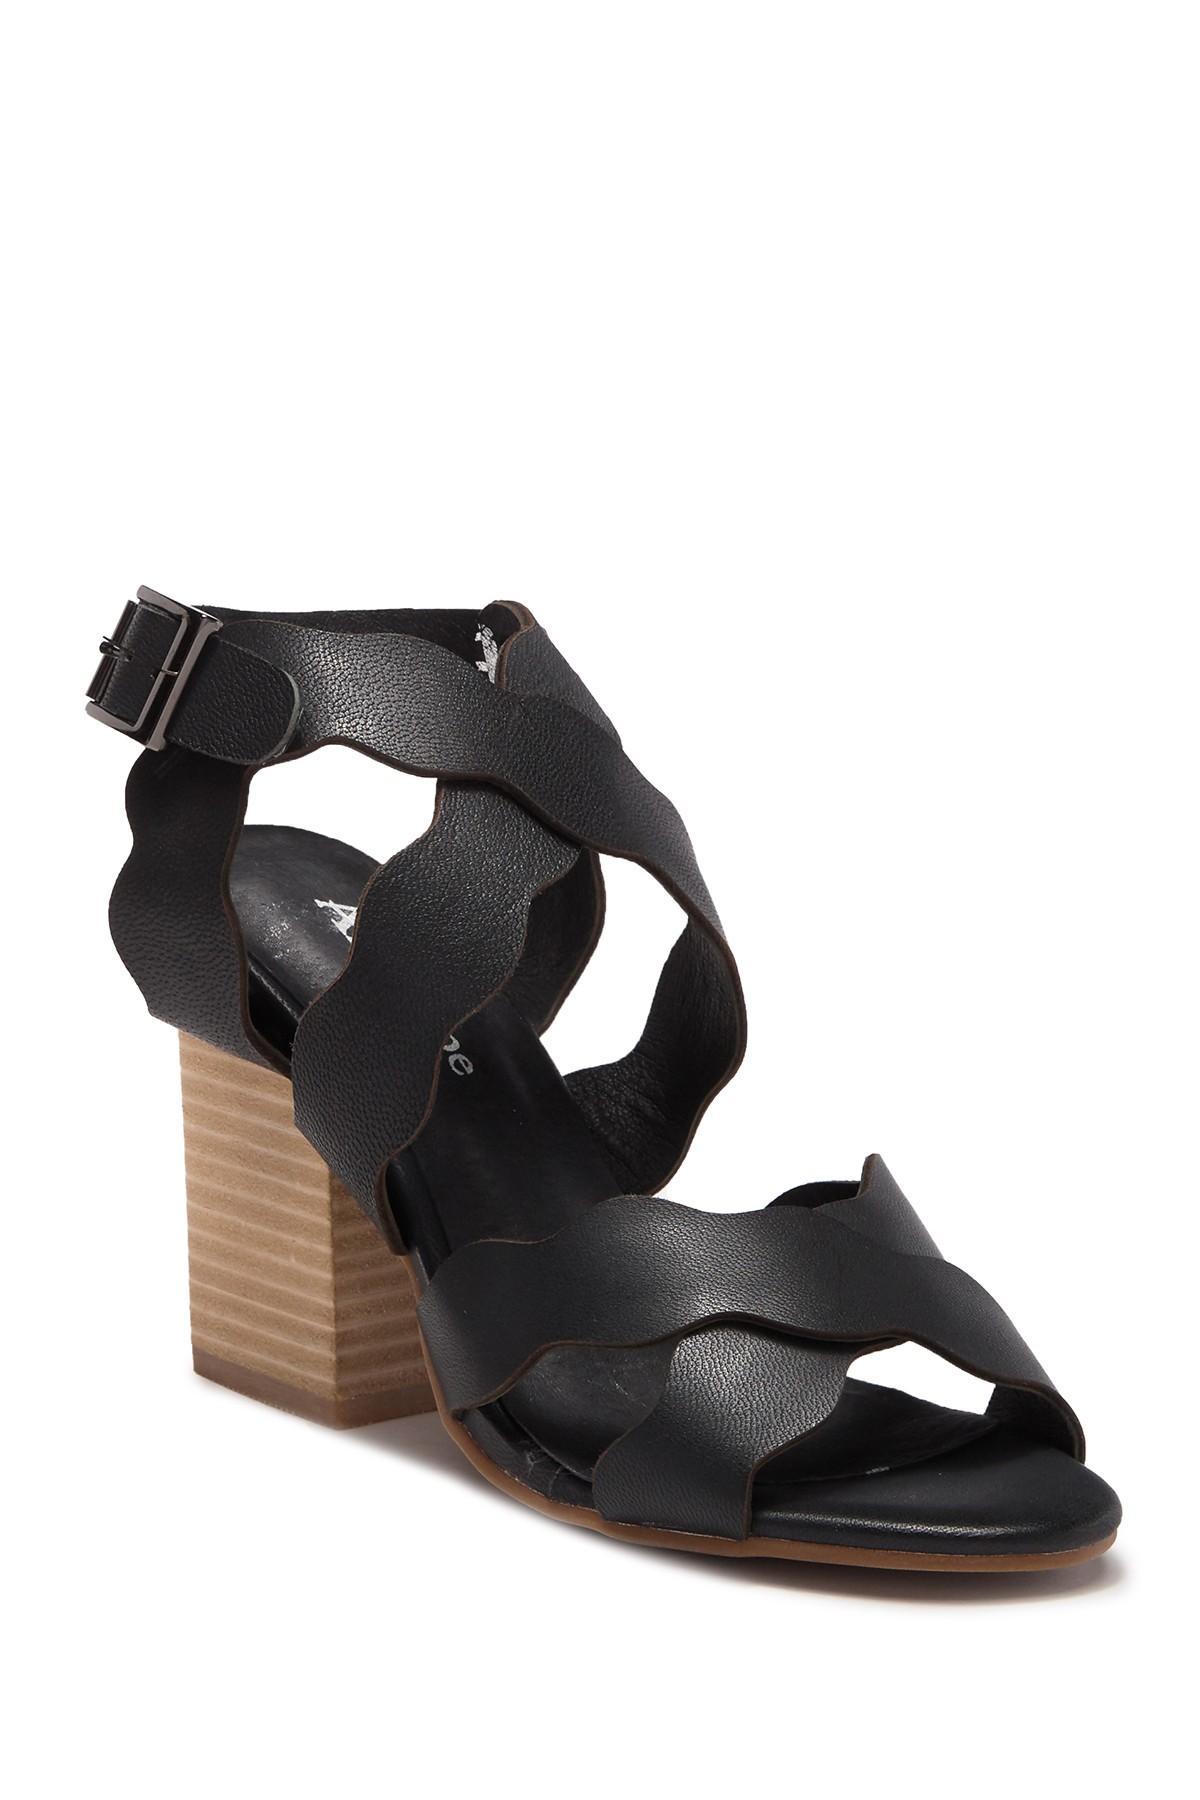 11b77d082dd Lyst - Antelope Scalloped Classic Sandal in Black